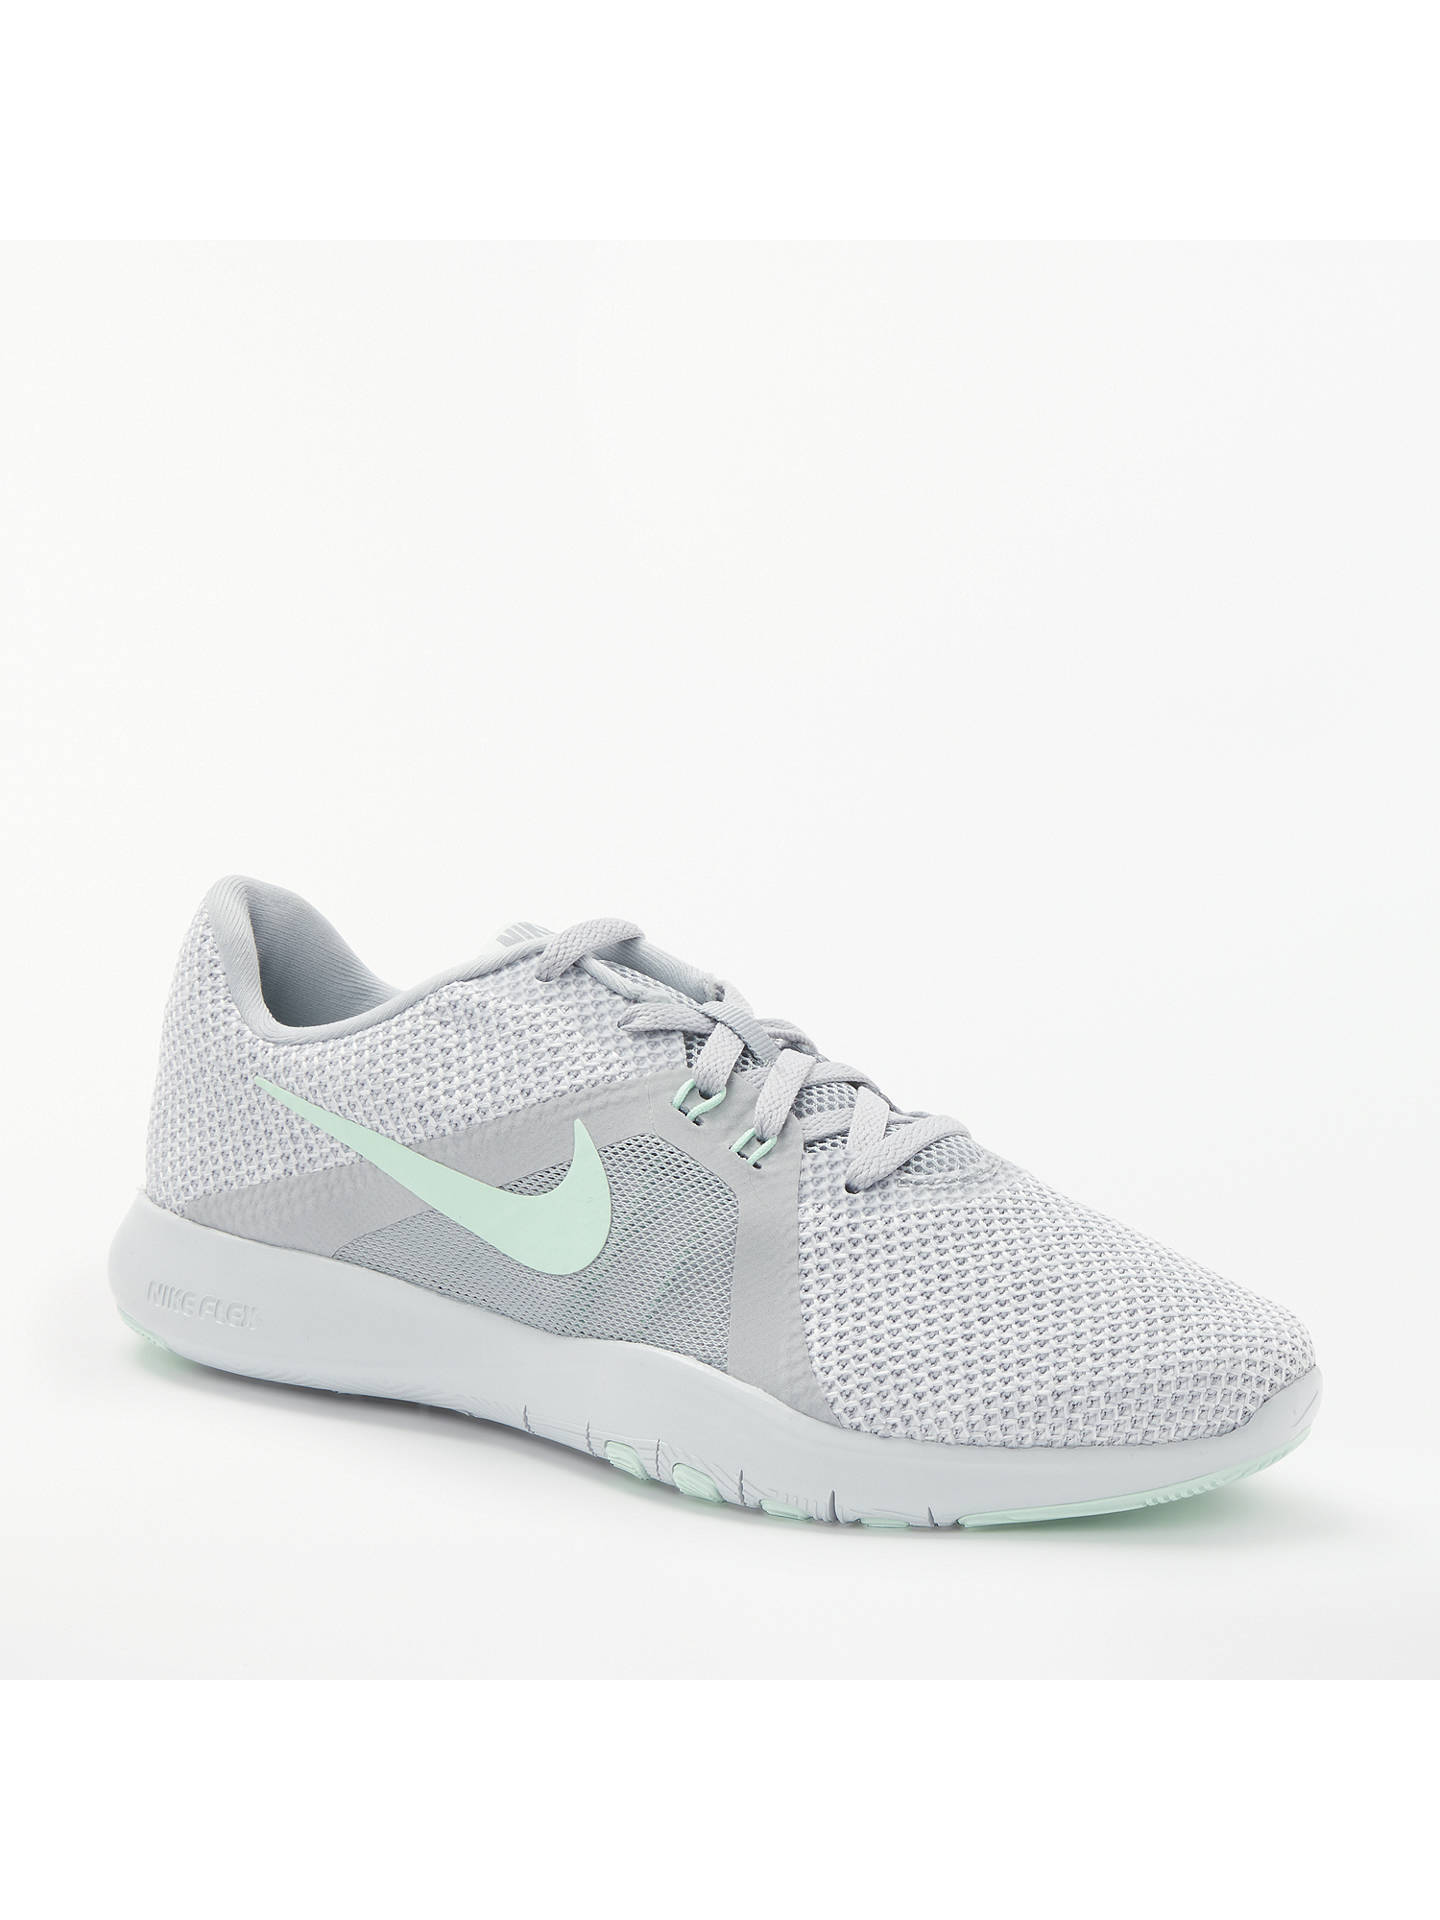 878f44cb7ed ... Buy Nike Flex TR 8 Women s Training Shoes